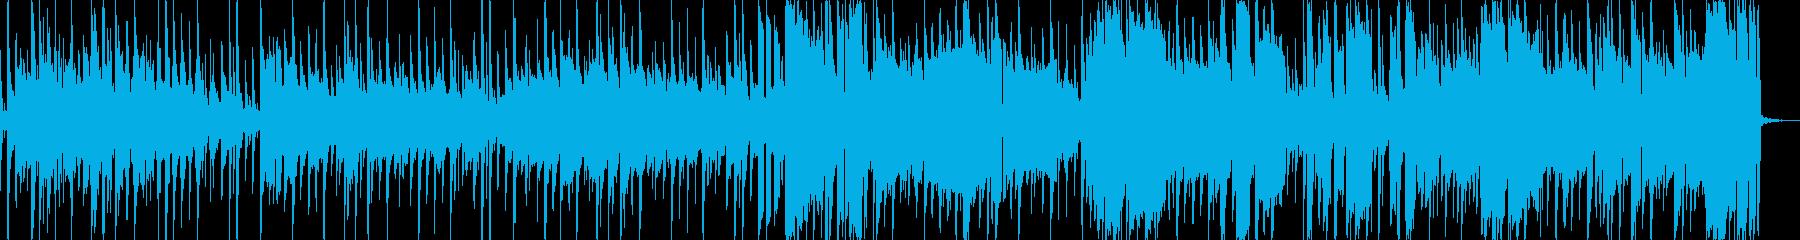 シンセリードをフィーチャーしたmusicの再生済みの波形